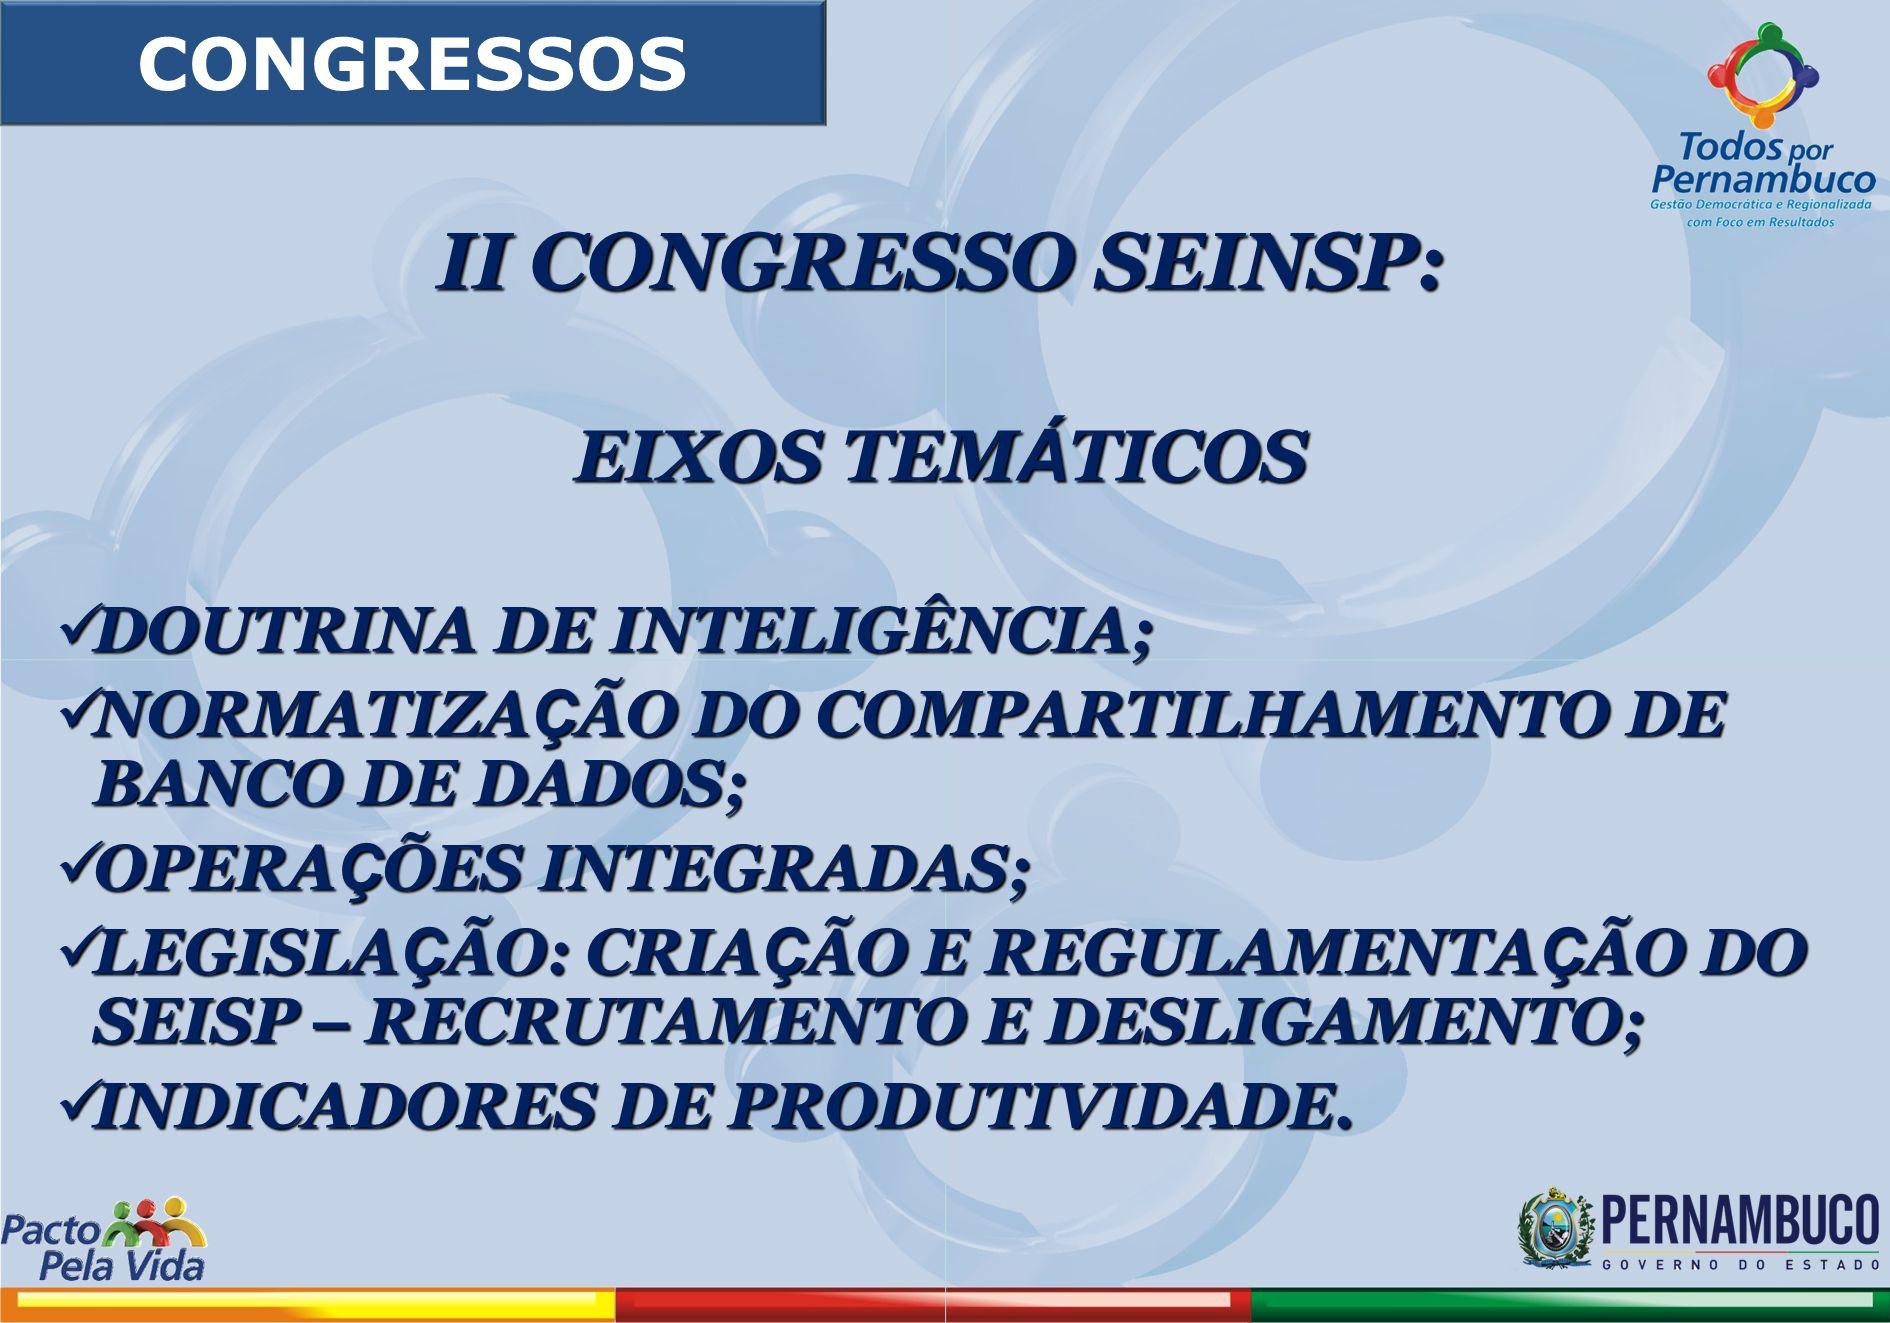 II CONGRESSO SEINSP: EIXOS TEM Á TICOS DOUTRINA DE INTELIGÊNCIA; DOUTRINA DE INTELIGÊNCIA; NORMATIZA Ç ÃO DO COMPARTILHAMENTO DE BANCO DE DADOS; NORMA